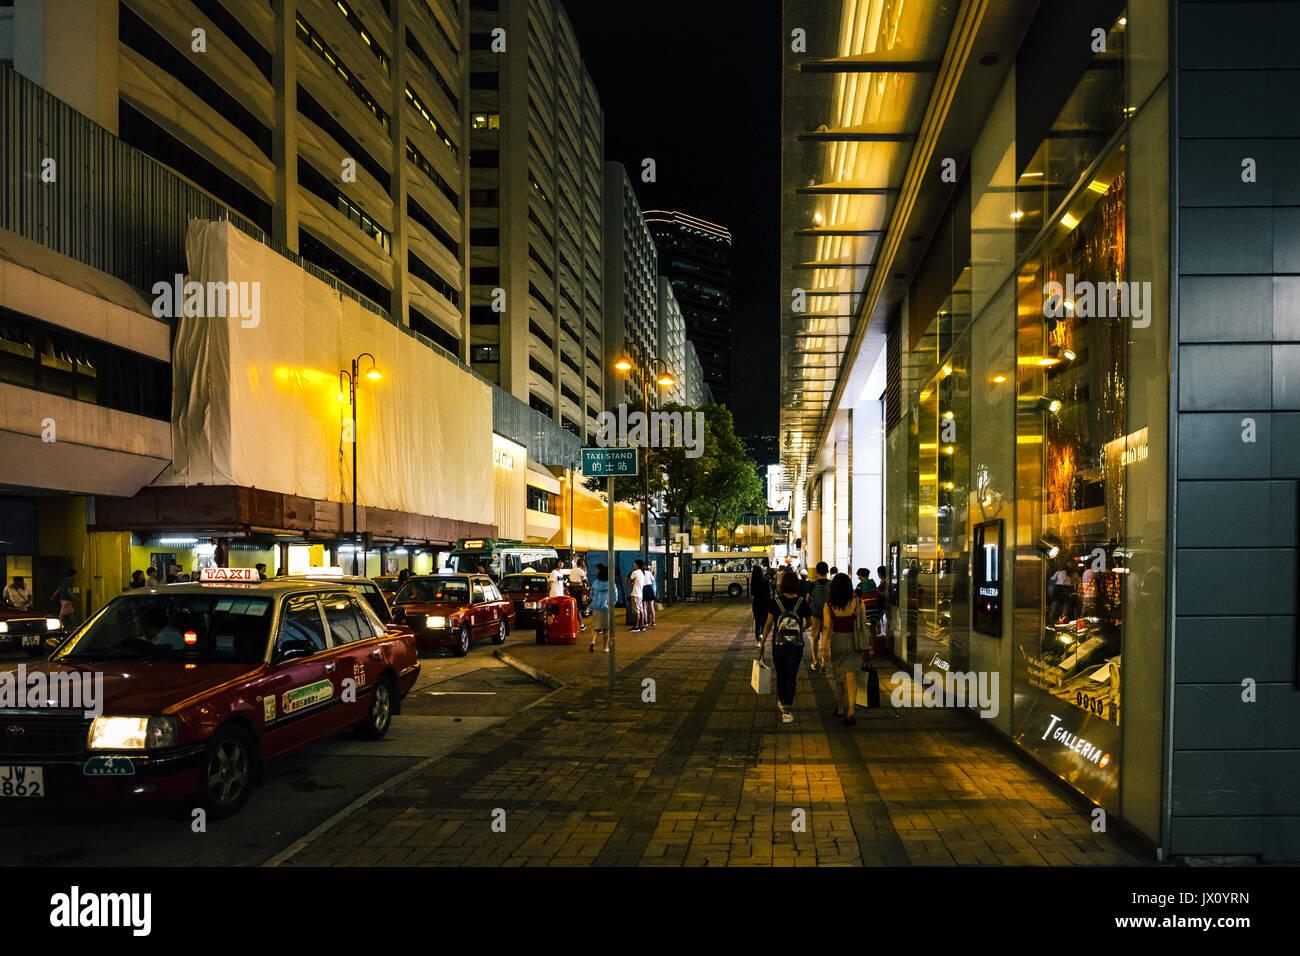 Shopping Tsim Sha Tsui Stock Photos & Shopping Tsim Sha Tsui Stock ...